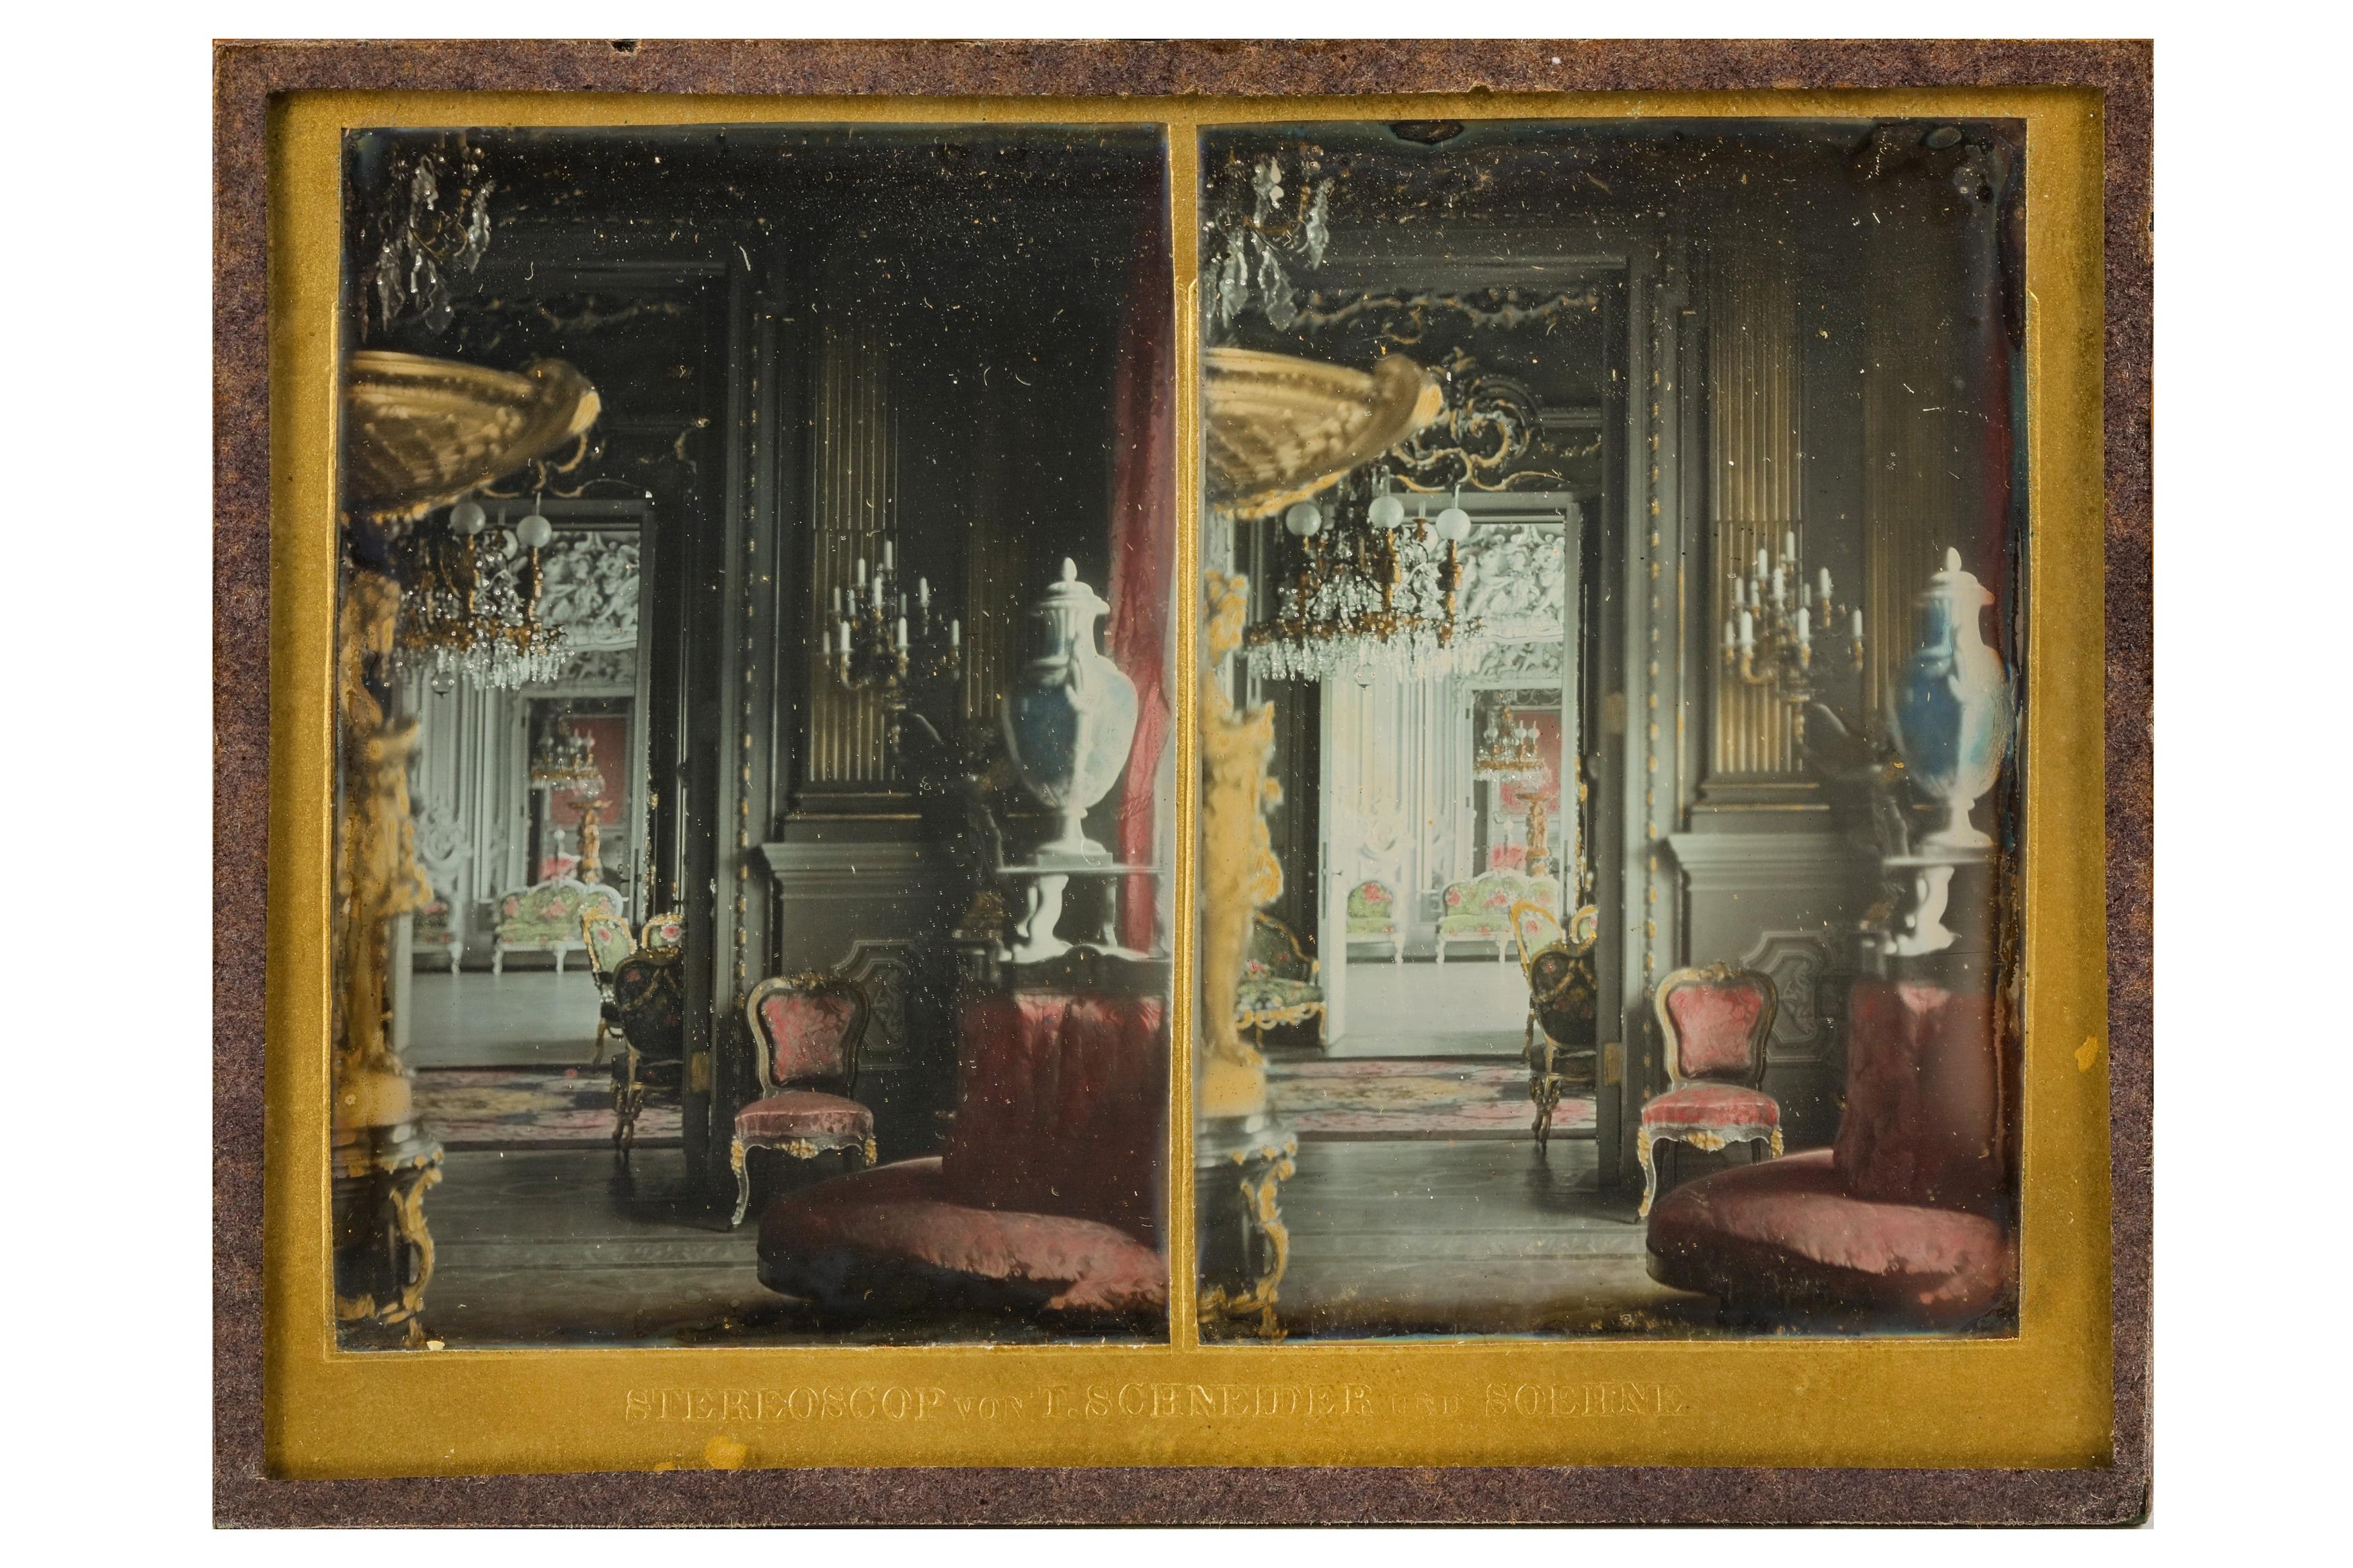 T. SCHNEIDER & SONS (1847-1921) - Image 9 of 22